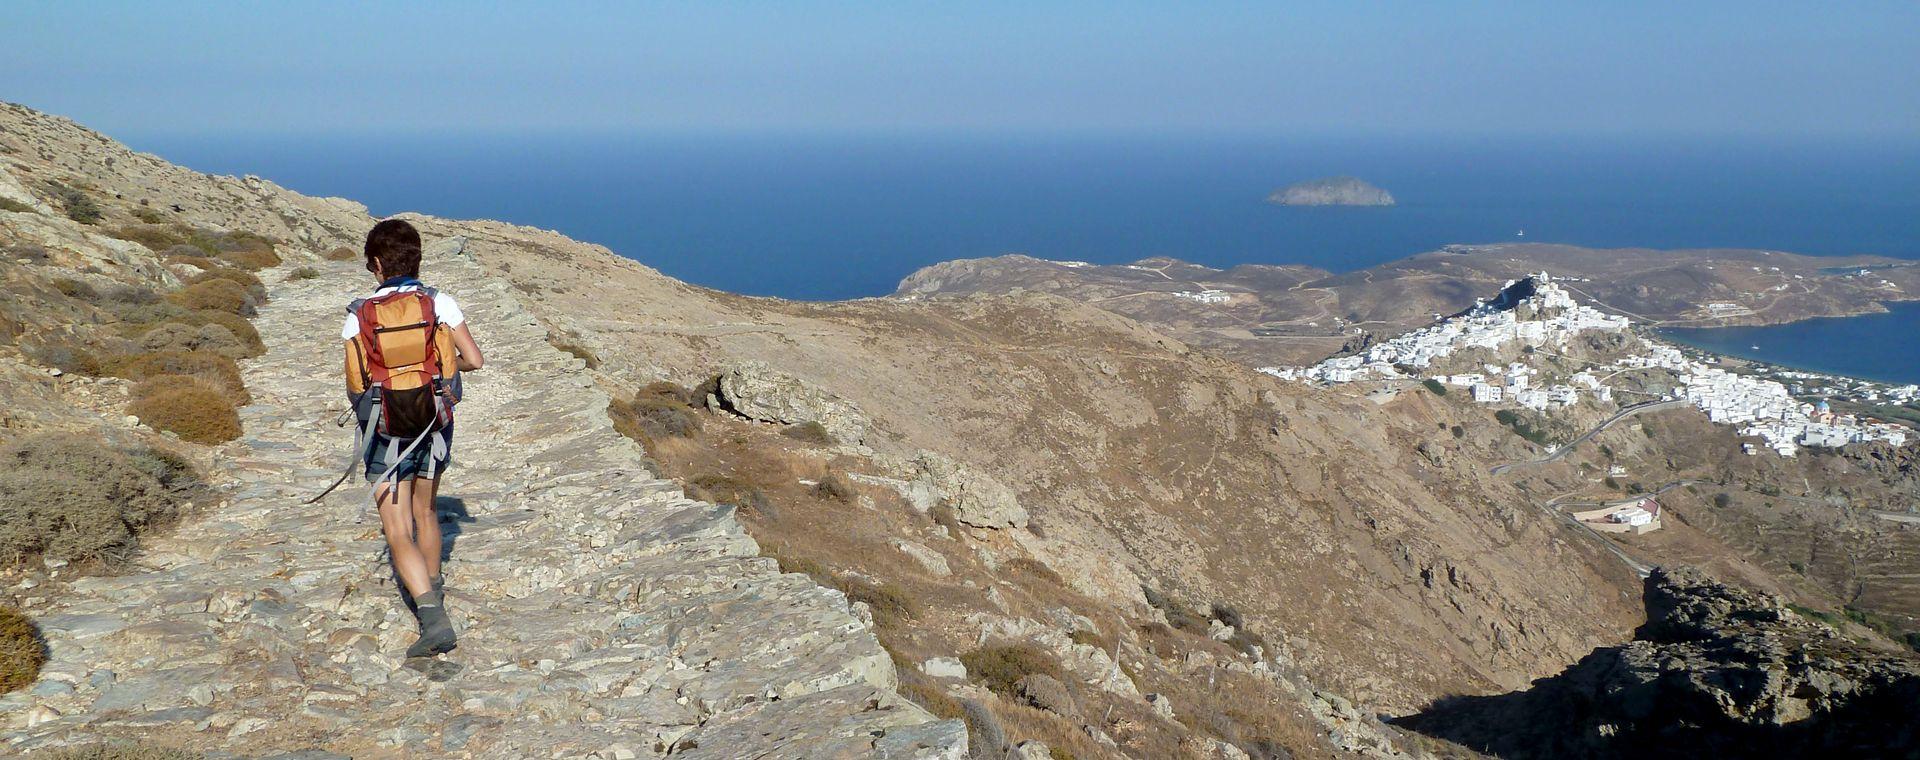 Image Cyclades : Sérifos, l'île de Persée et Sifnos, l'île d'Apollon